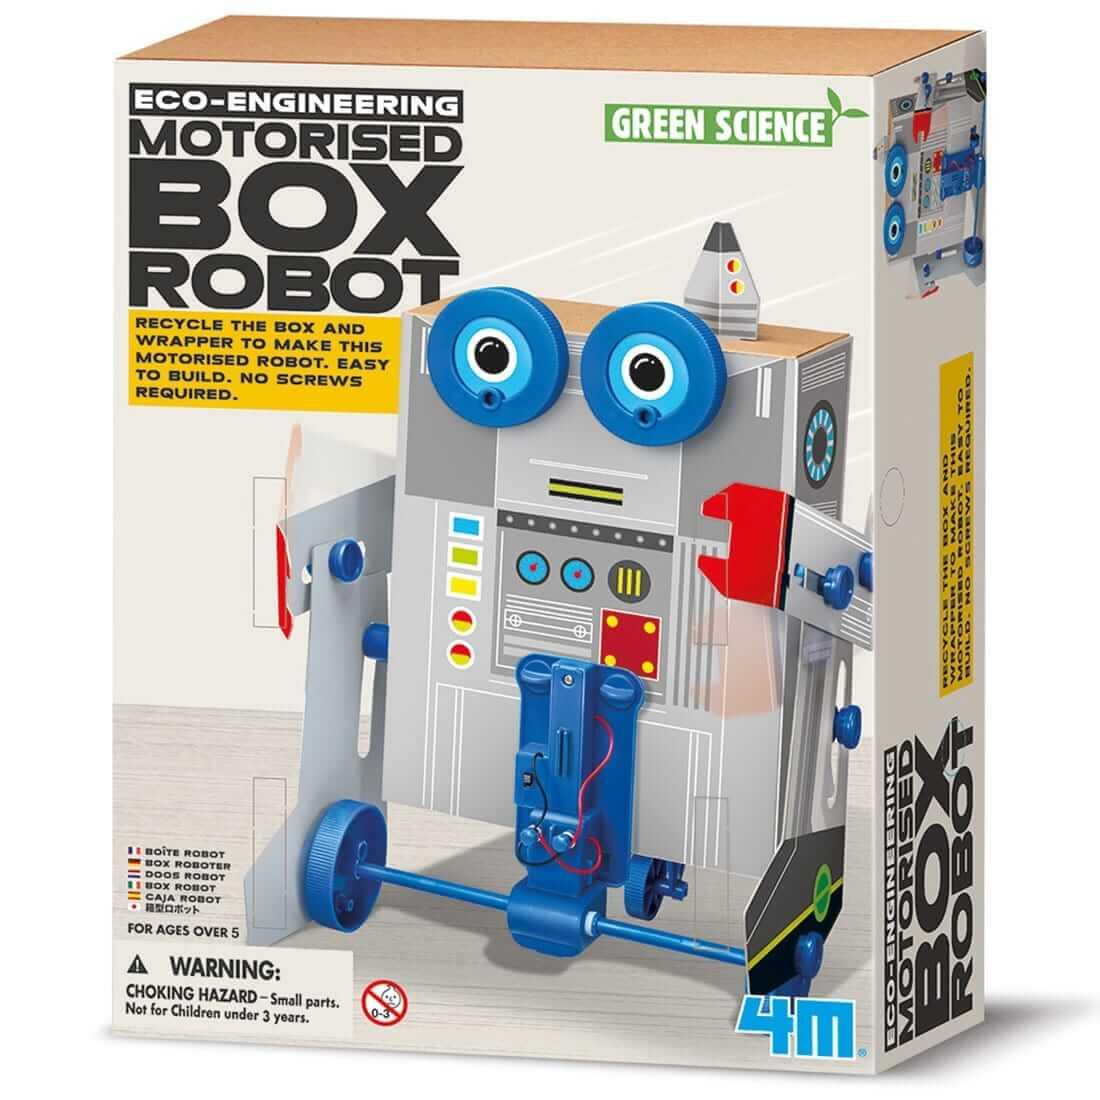 ערכת יצירה אקולוגית – רובוט קופסא קופץ רוקע ונוסע